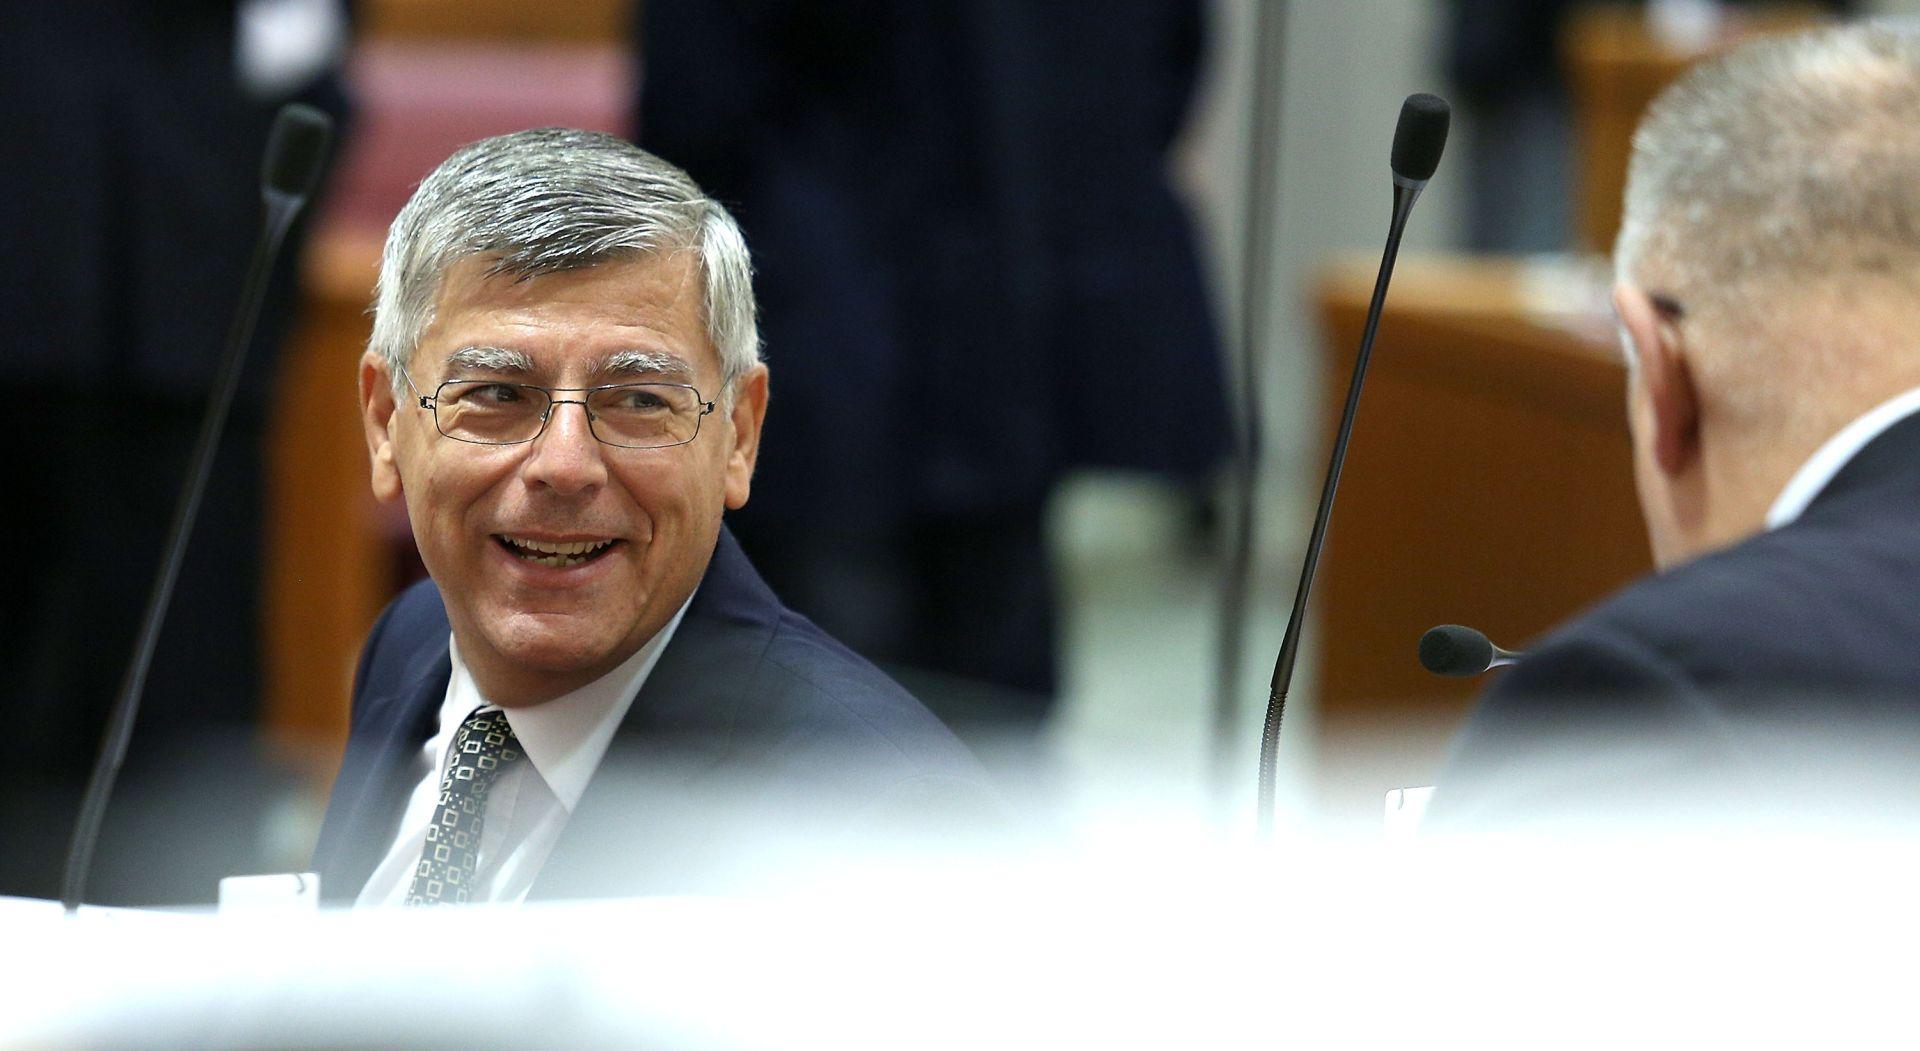 ŽELJKO REINER Imat ćemo saborsku većinu, nadam se da odlazak Milanoviću neće teško pasti